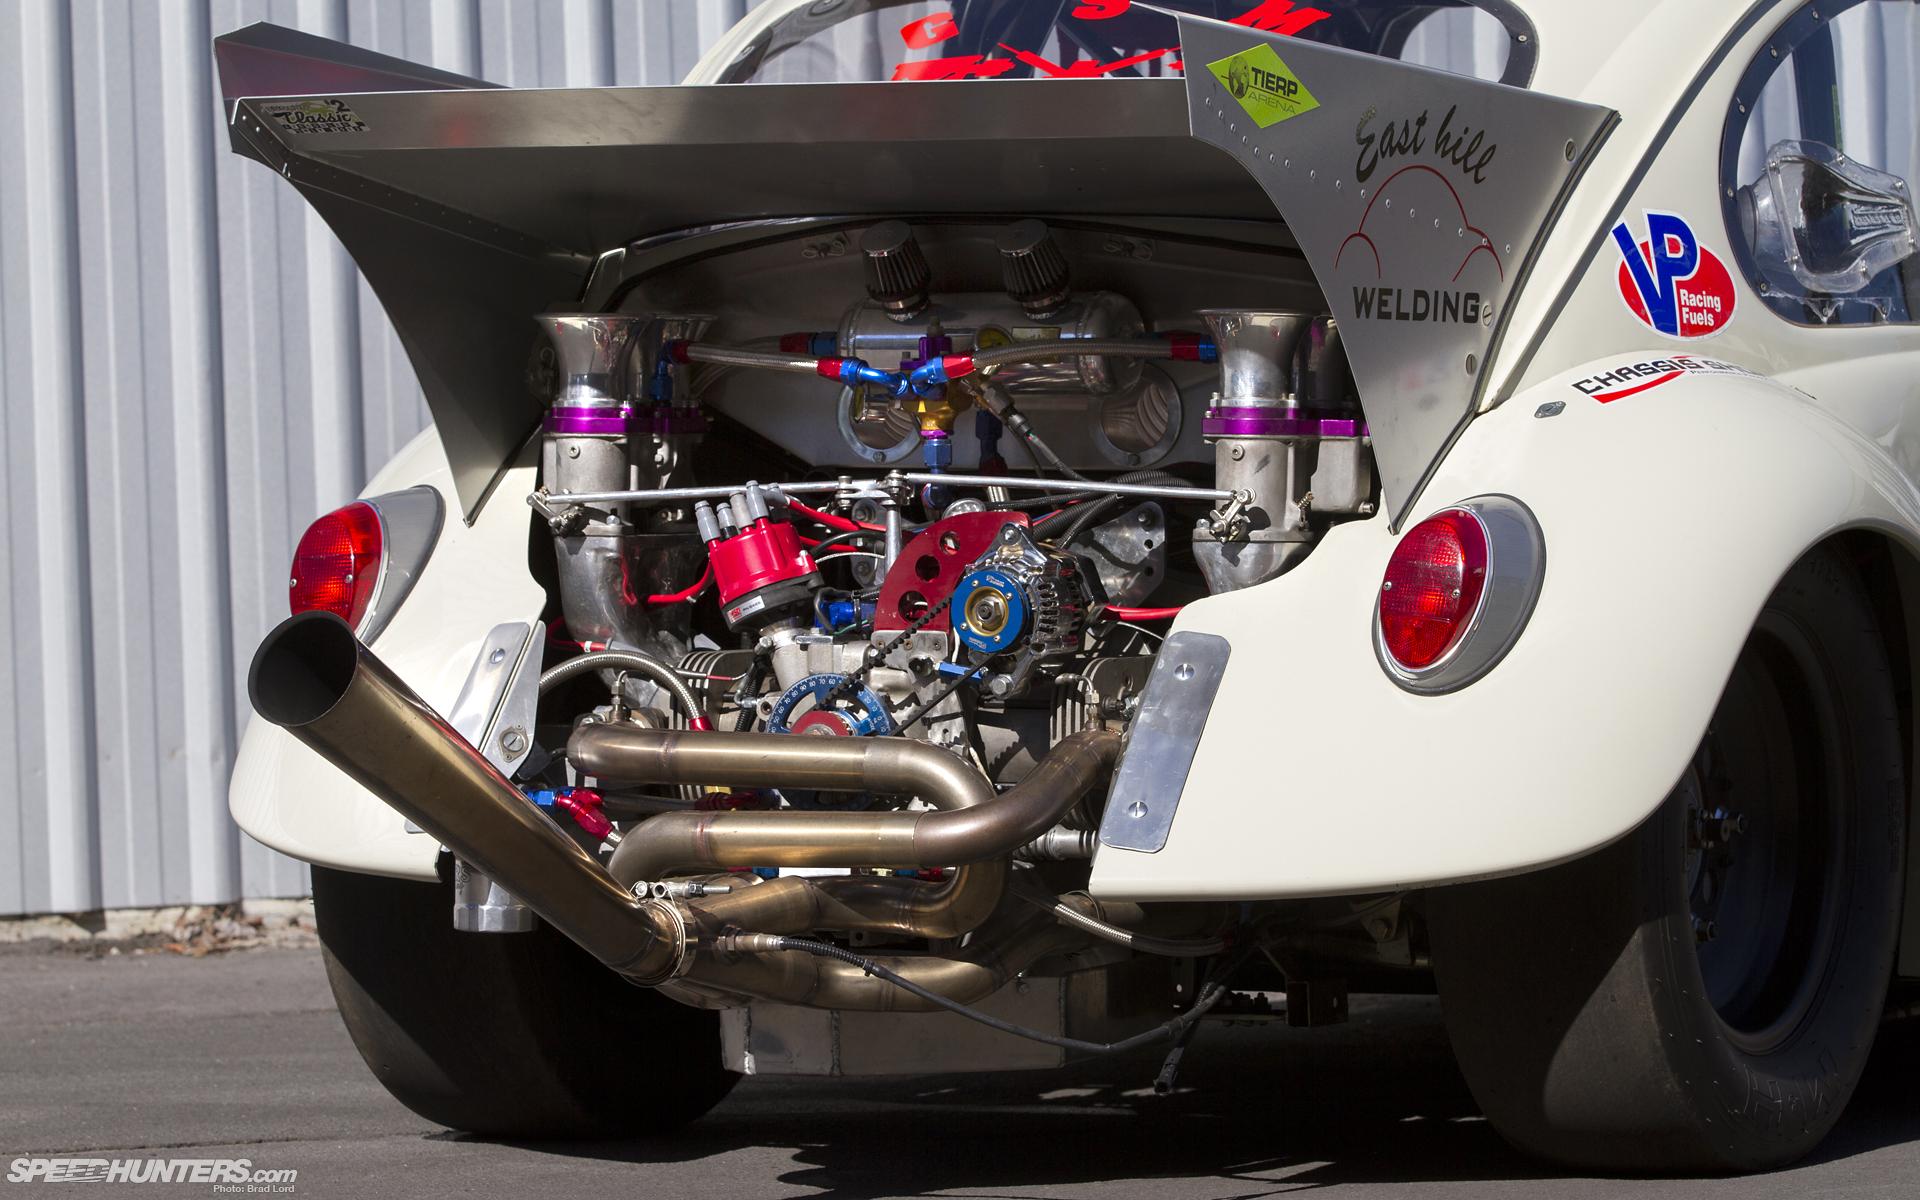 Volkswagen Bug Drag Race Racing Engine Engines Wallpaper